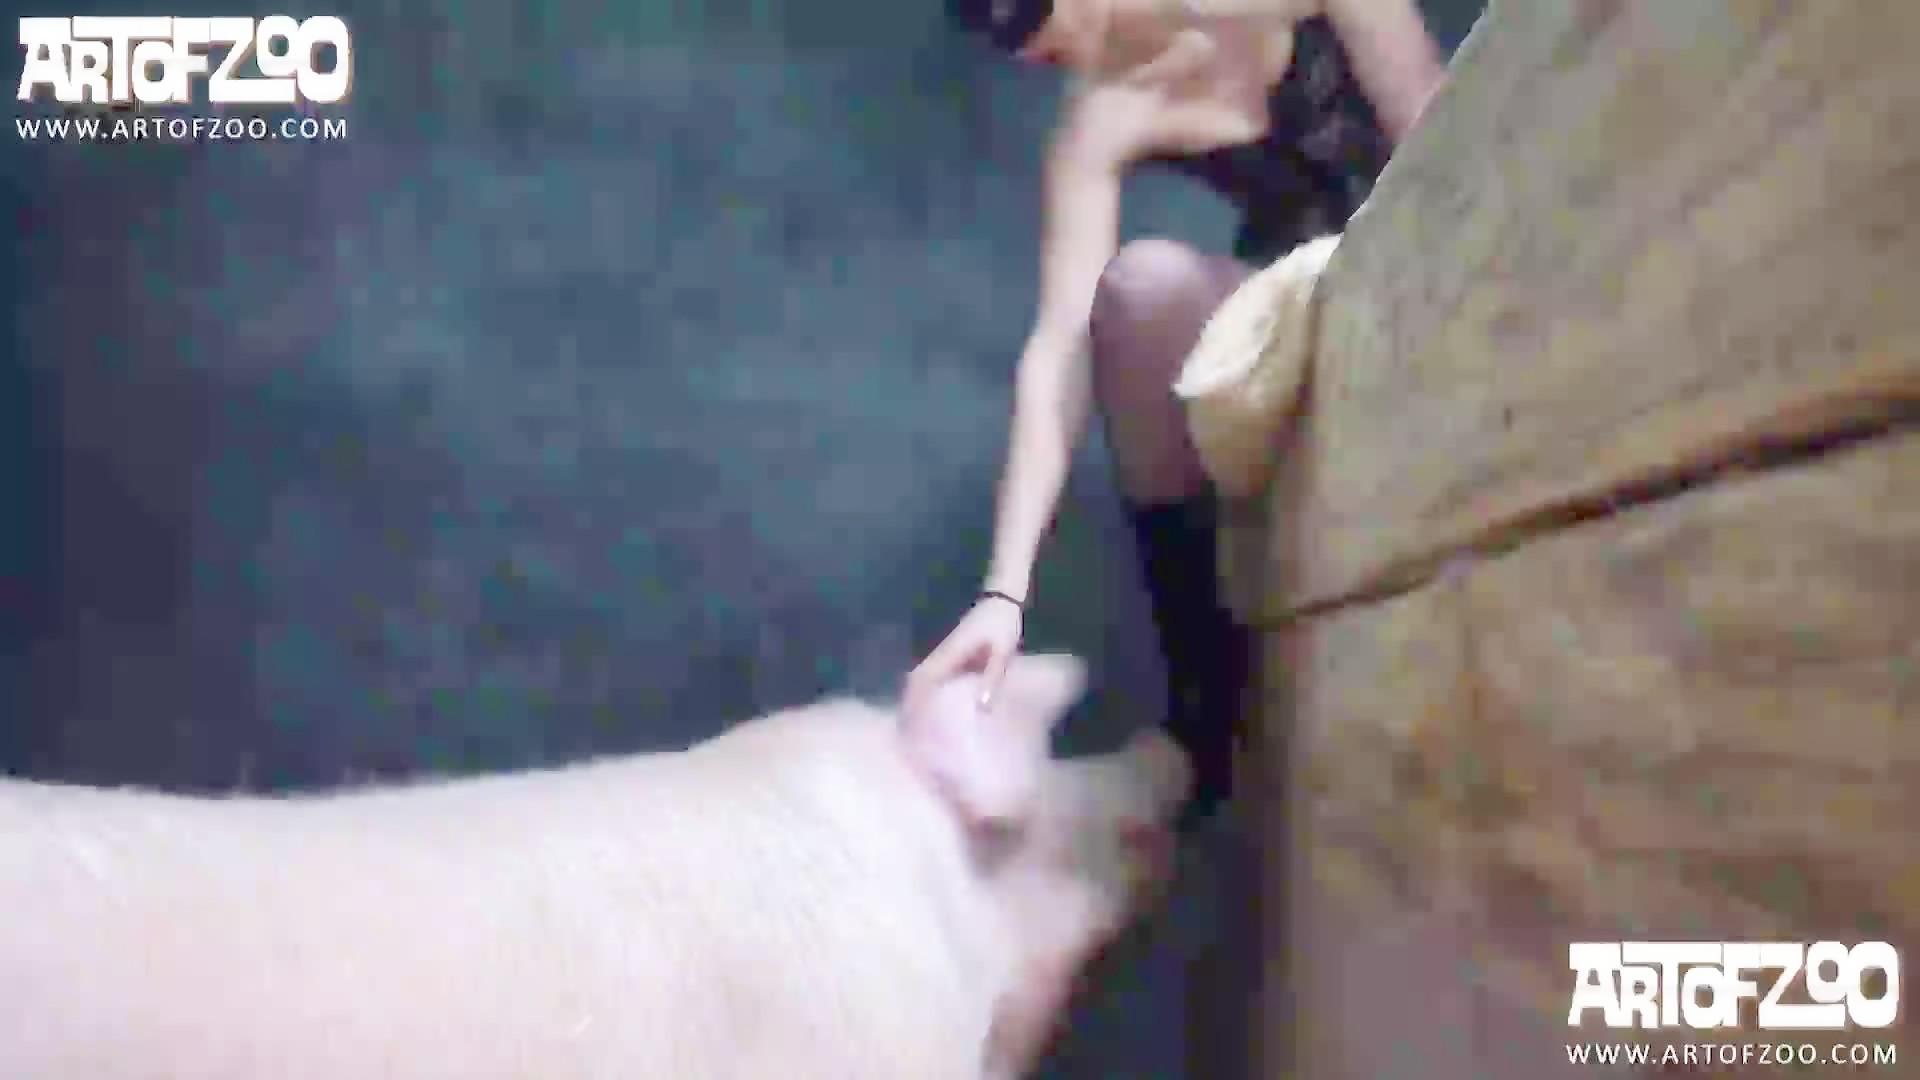 Artofzoo Porno Hd Com zoofilia artofzoo yasmin   free hot nude porn pic gallery